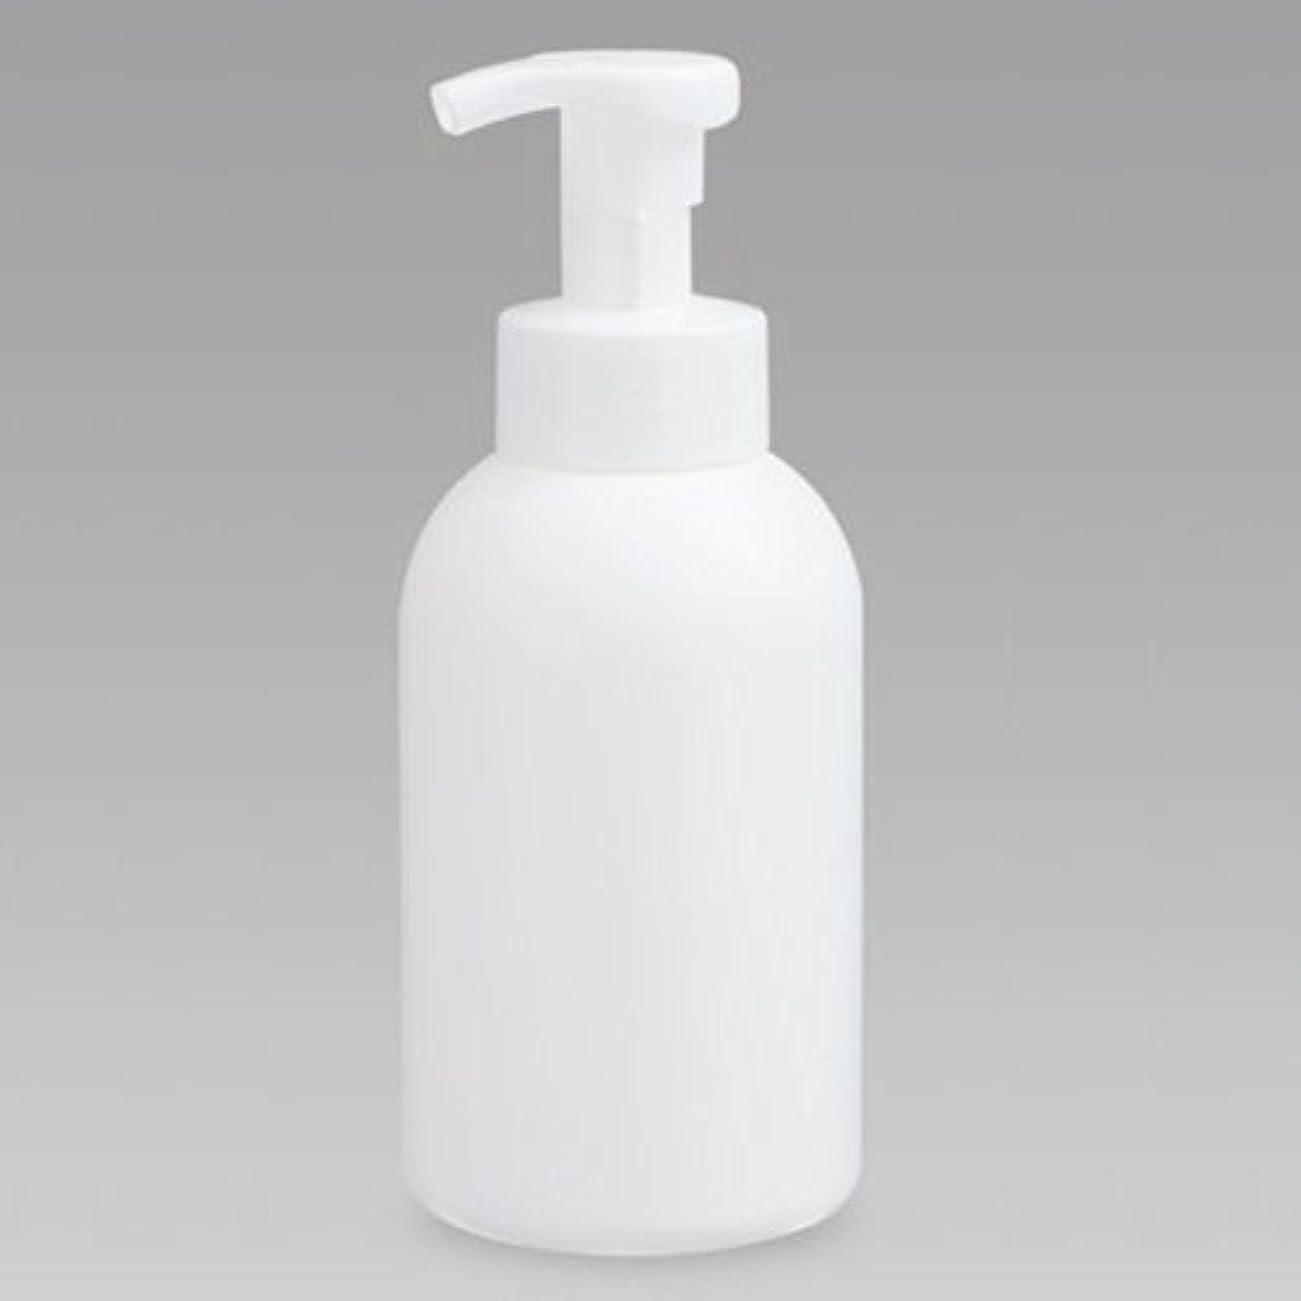 ぴったりボンドふざけた泡ボトル 泡ポンプボトル 500mL(PE) ホワイト 詰め替え 詰替 泡ハンドソープ 全身石鹸 ボディソープ 洗顔フォーム